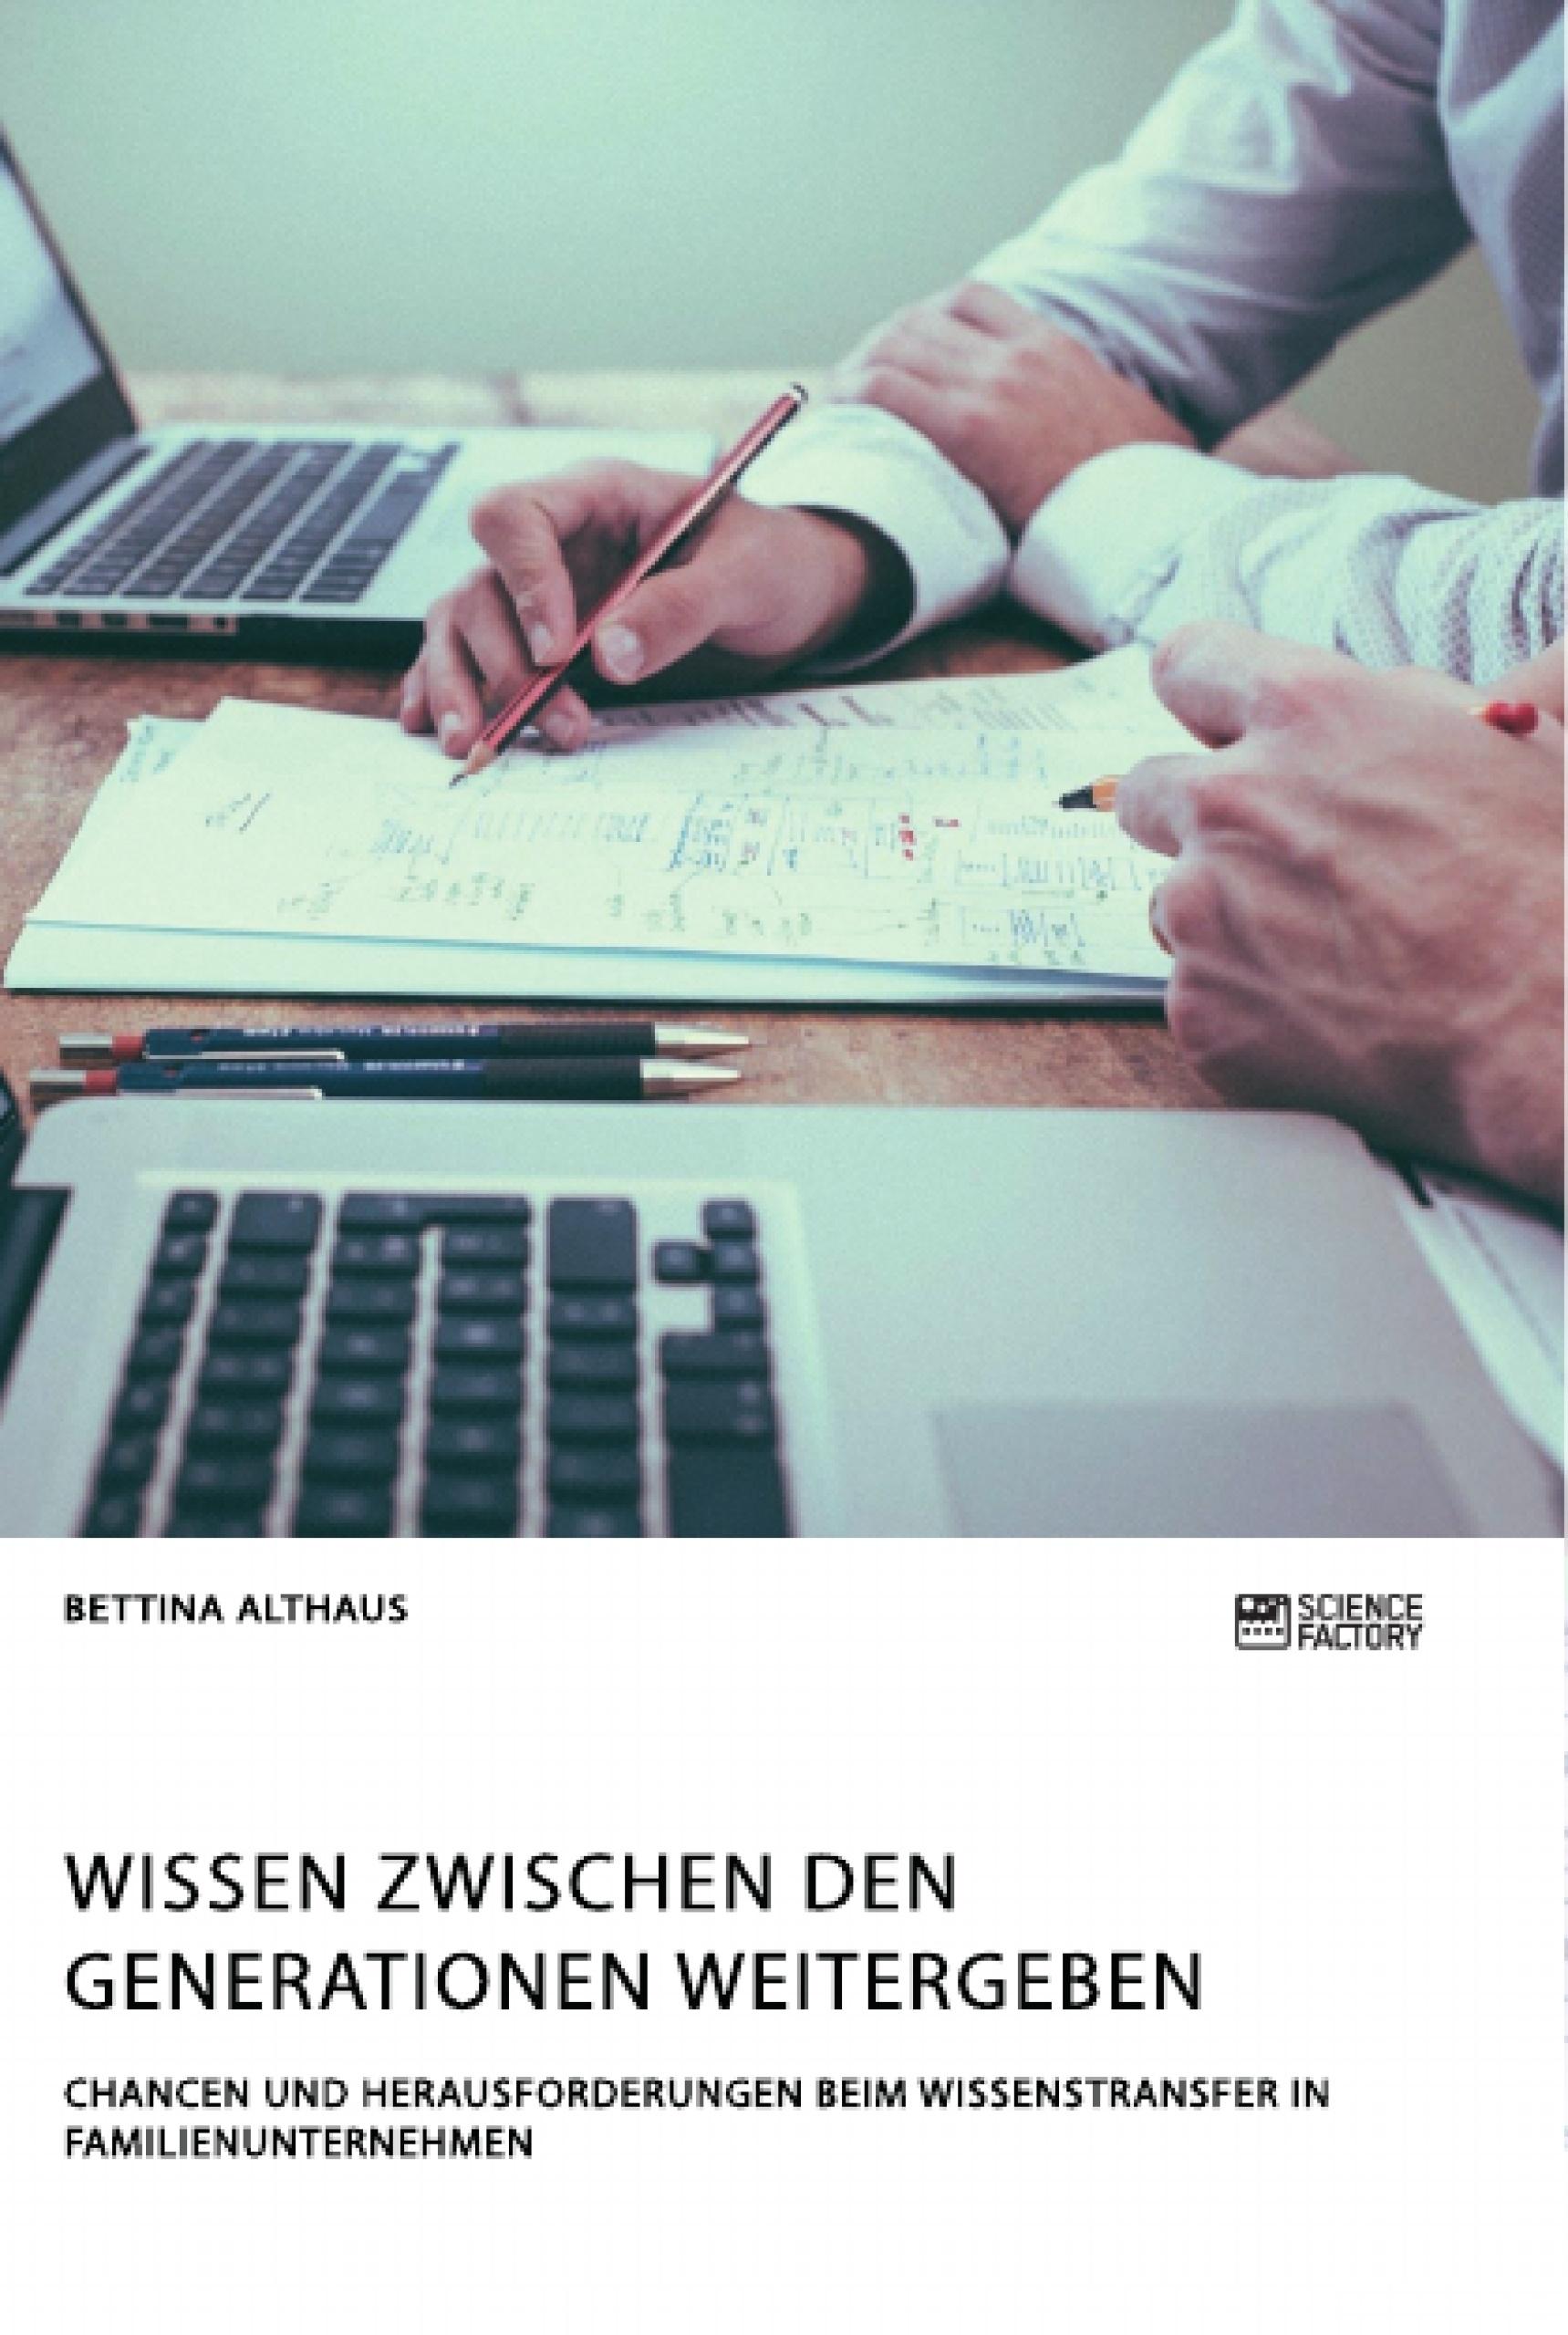 Titel: Wissen zwischen den Generationen weitergeben. Chancen und Herausforderungen beim Wissenstransfer in Familienunternehmen